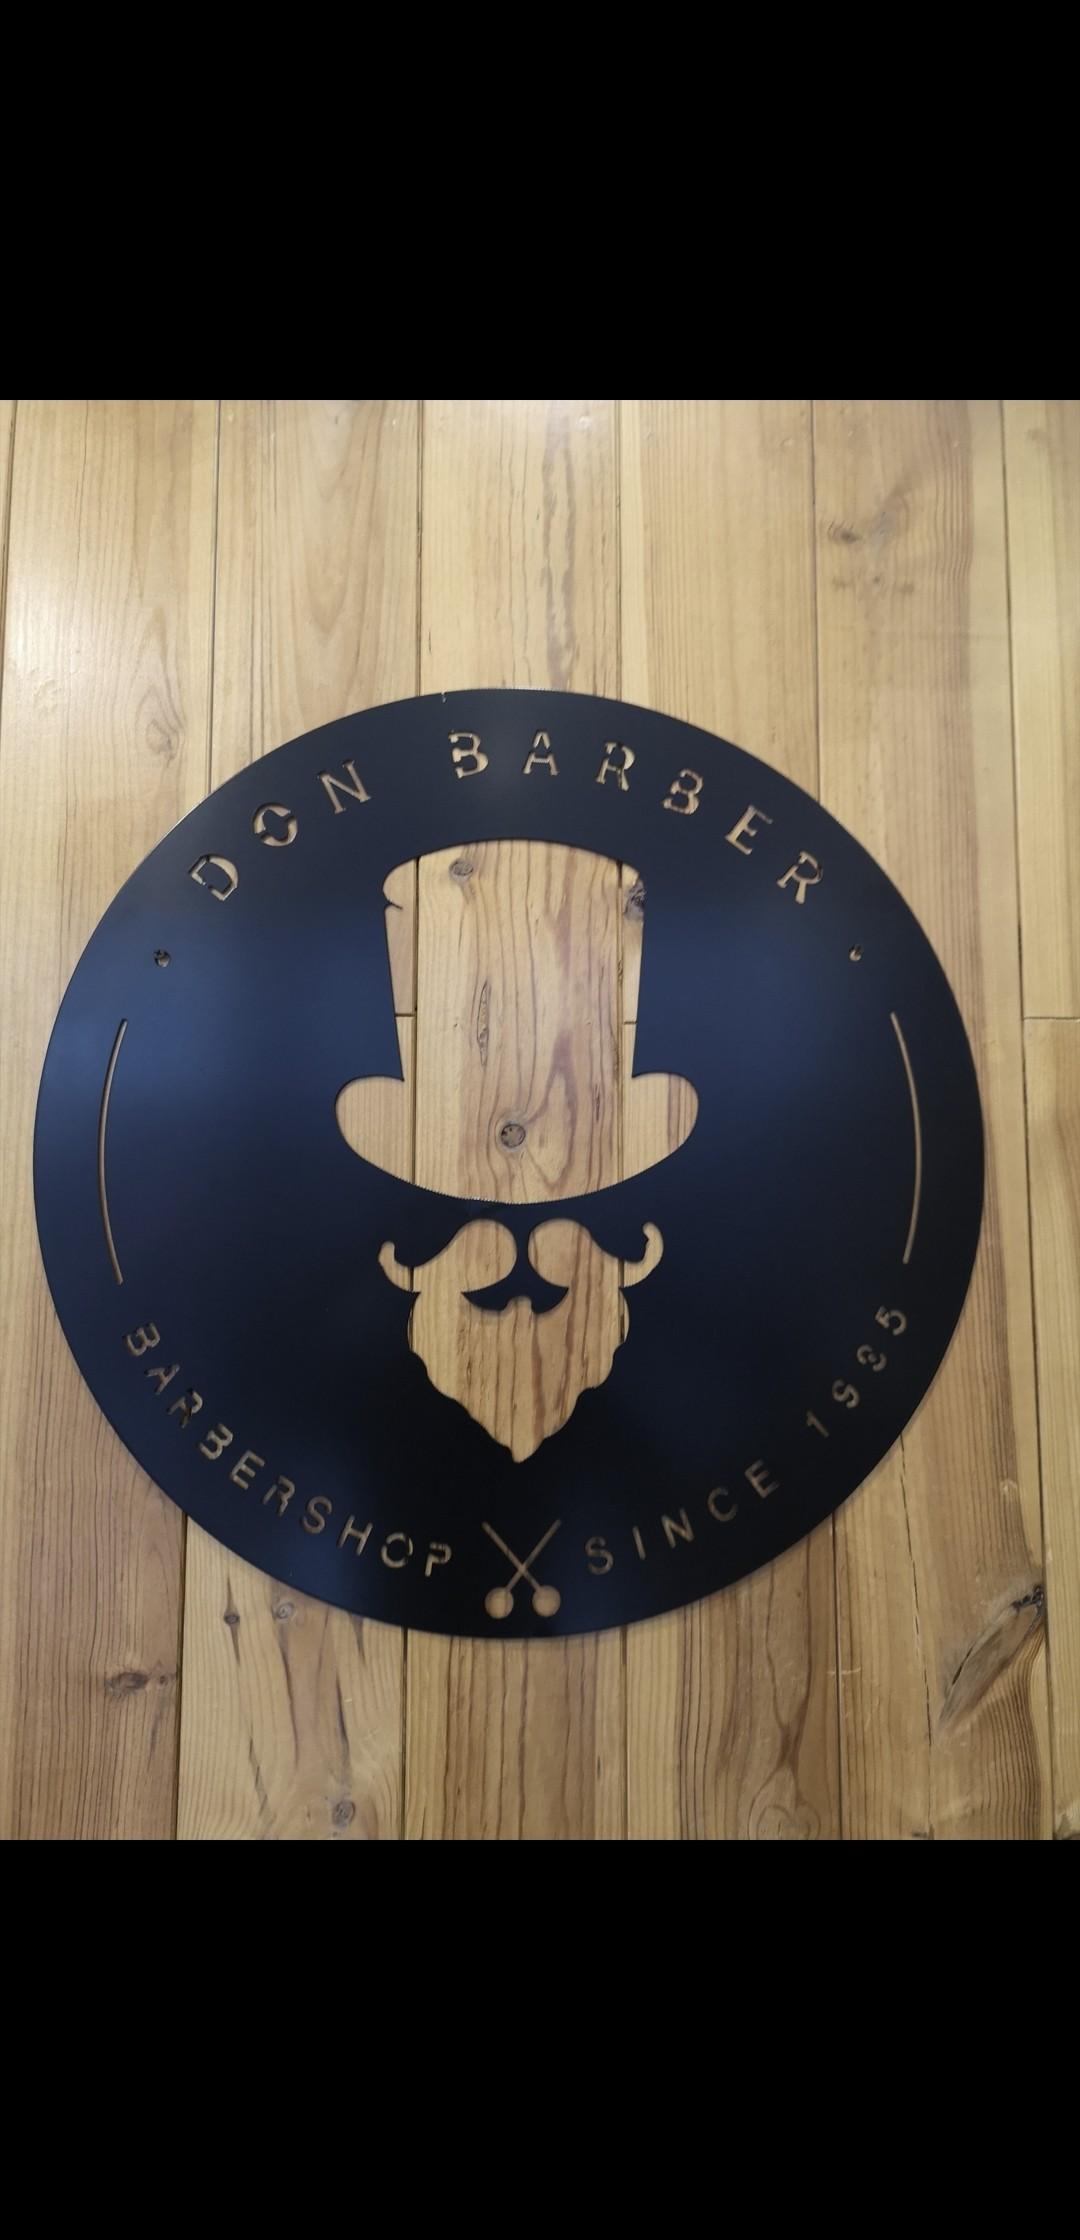 Don Barber Shop - Bastille